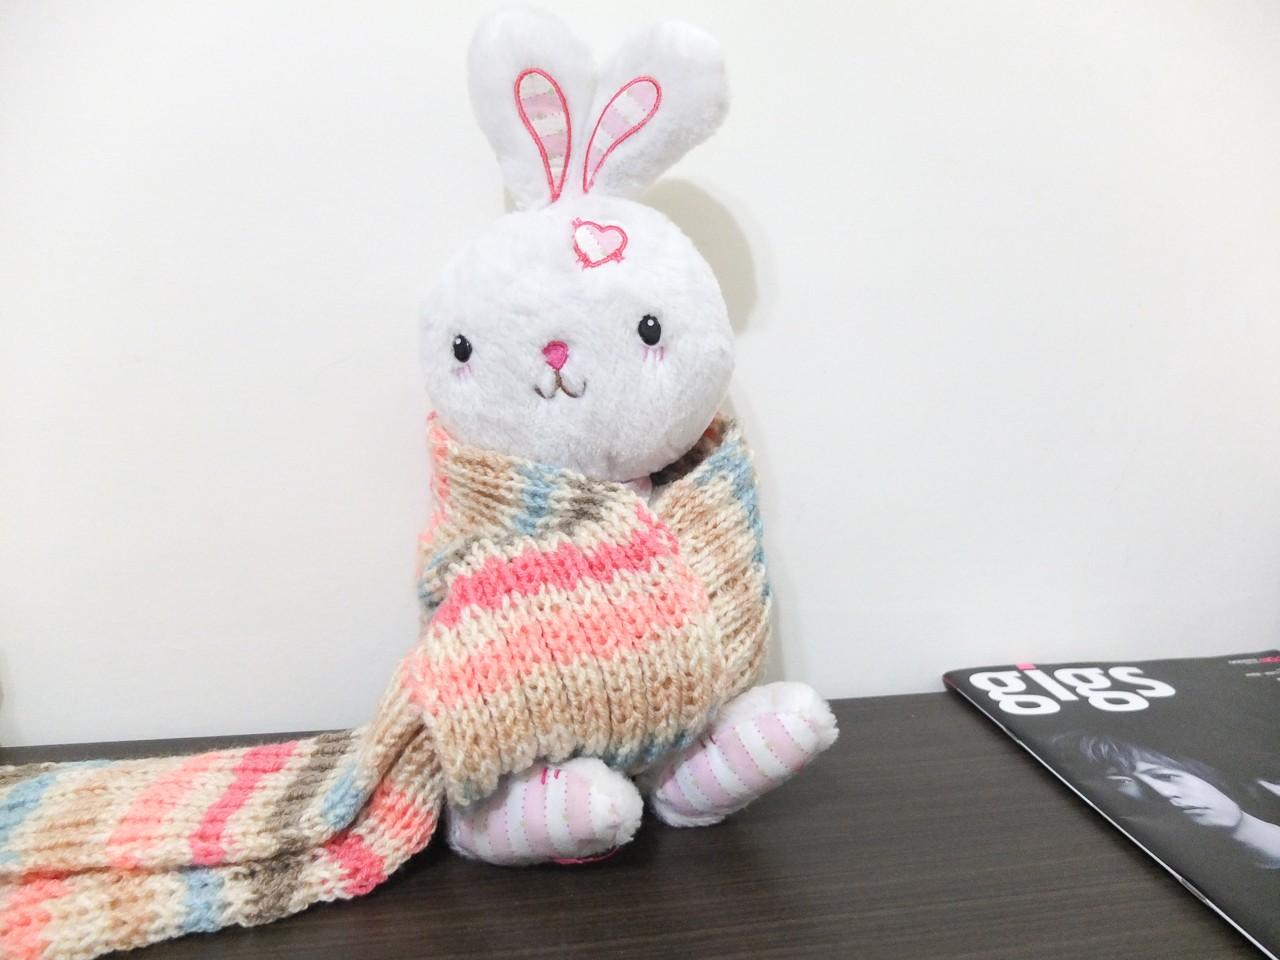 棒針 | 第一件棒針完成品:焦糖圍巾 – 微曦